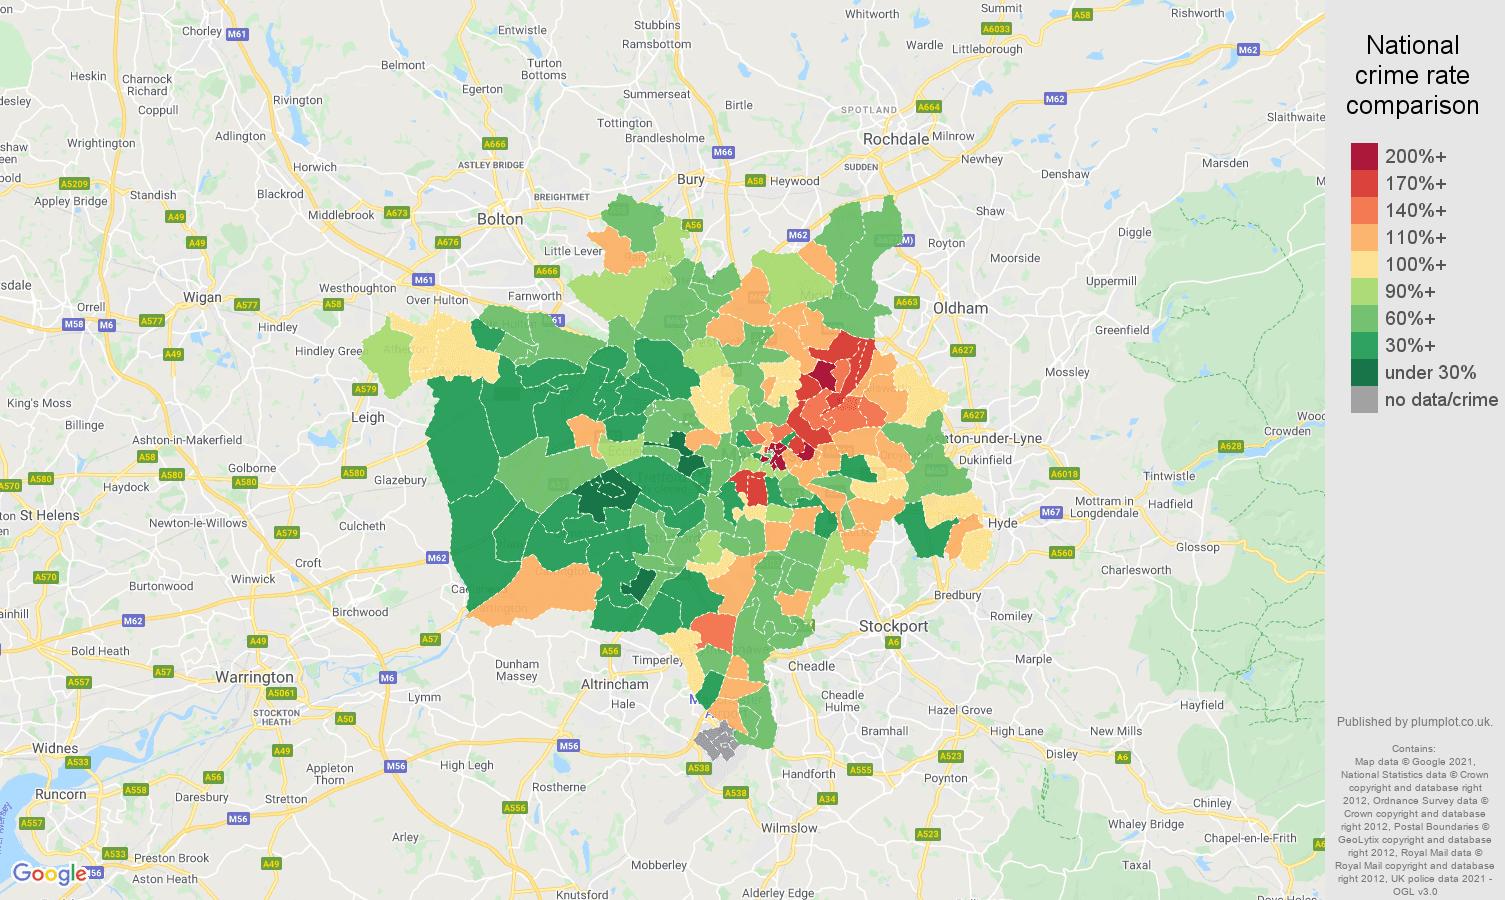 Manchester antisocial behaviour crime rate comparison map